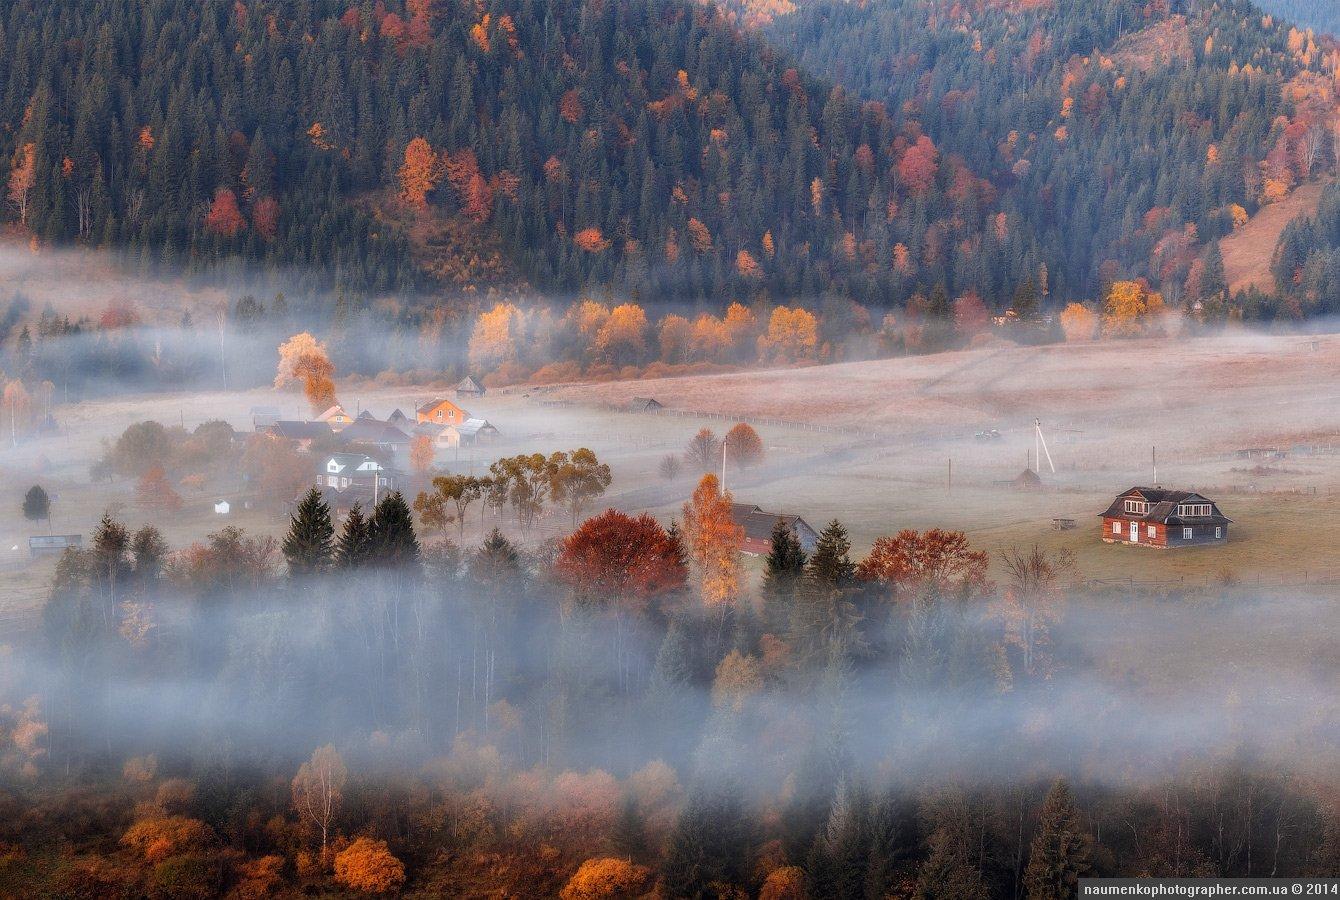 горы,зеленый,карпаты,луг, природа,рассвет,роса, склон,солнце,трава,туман, дземброня, Александр Науменко